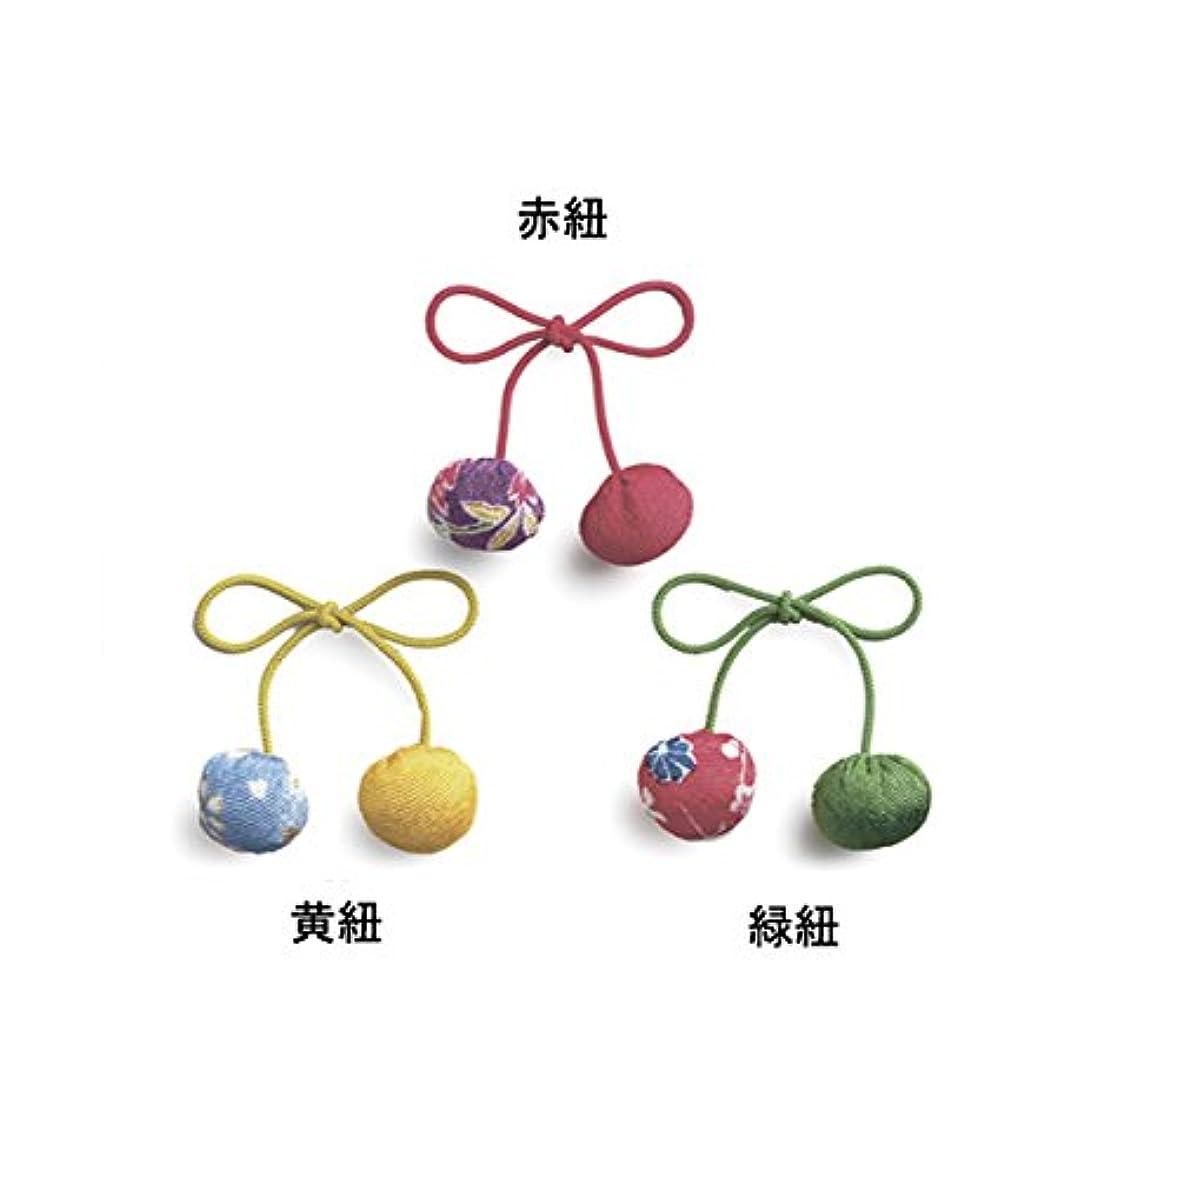 終わり子犬反対した香り結び紐 (黄)